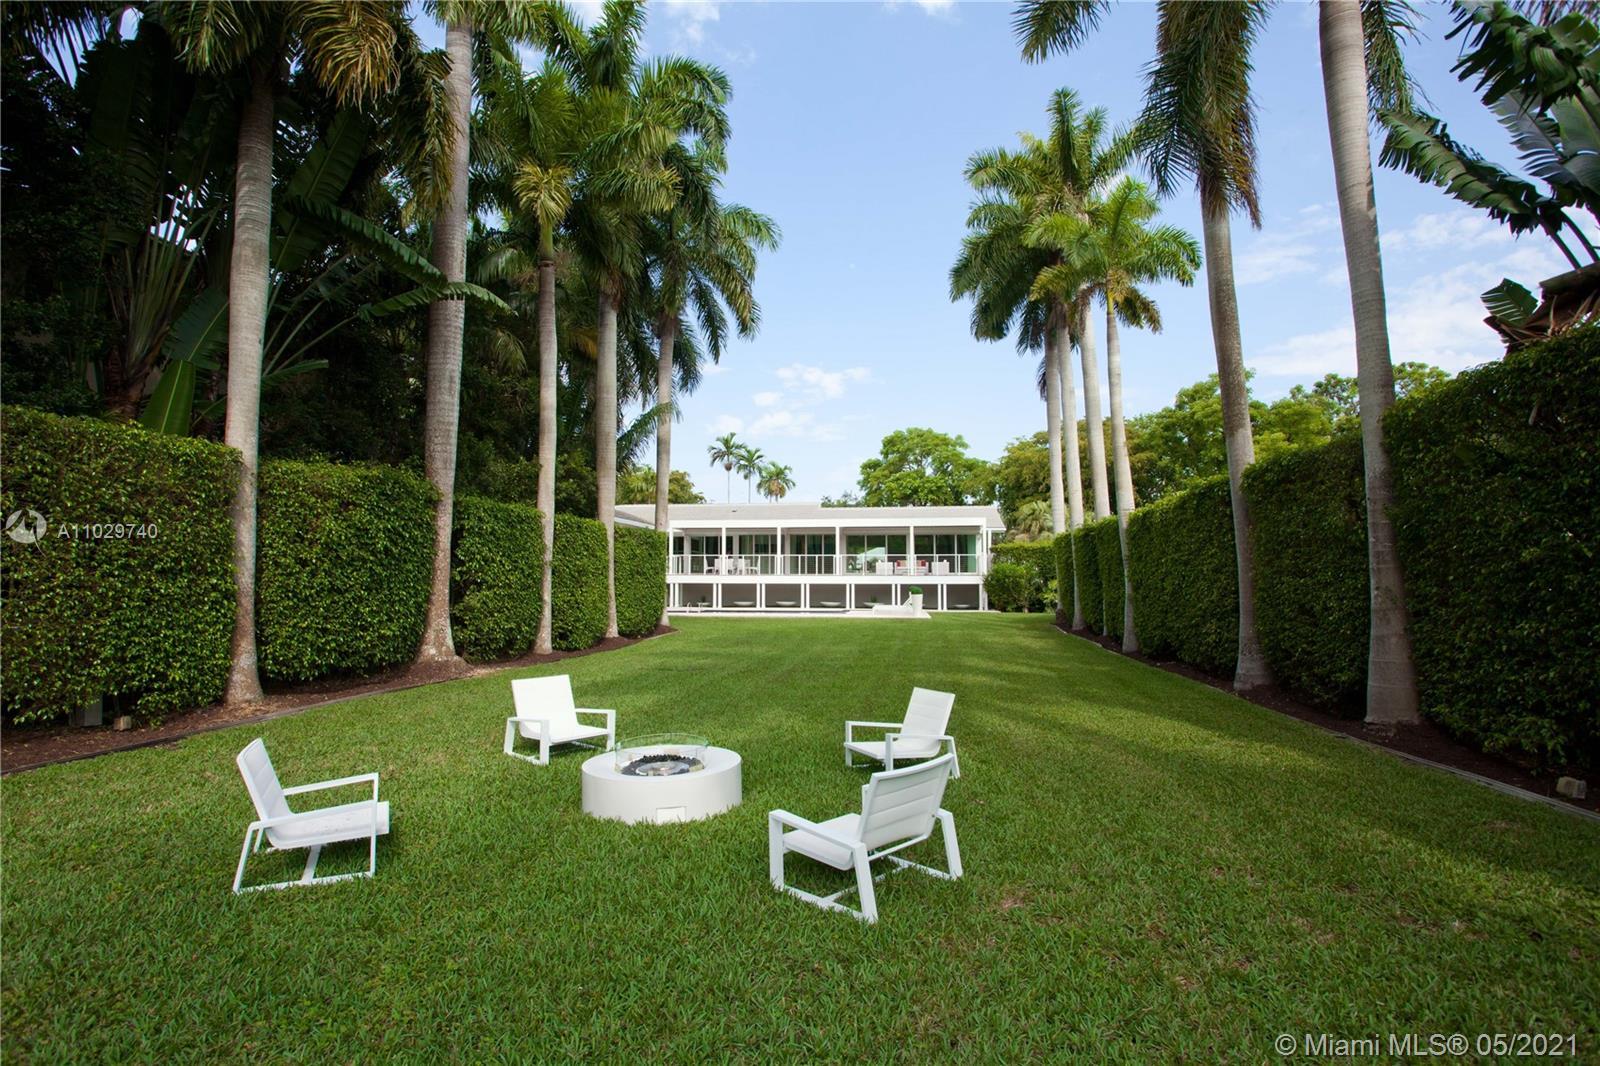 191 Los Pinos Ct, Coral Gables, Florida 33143